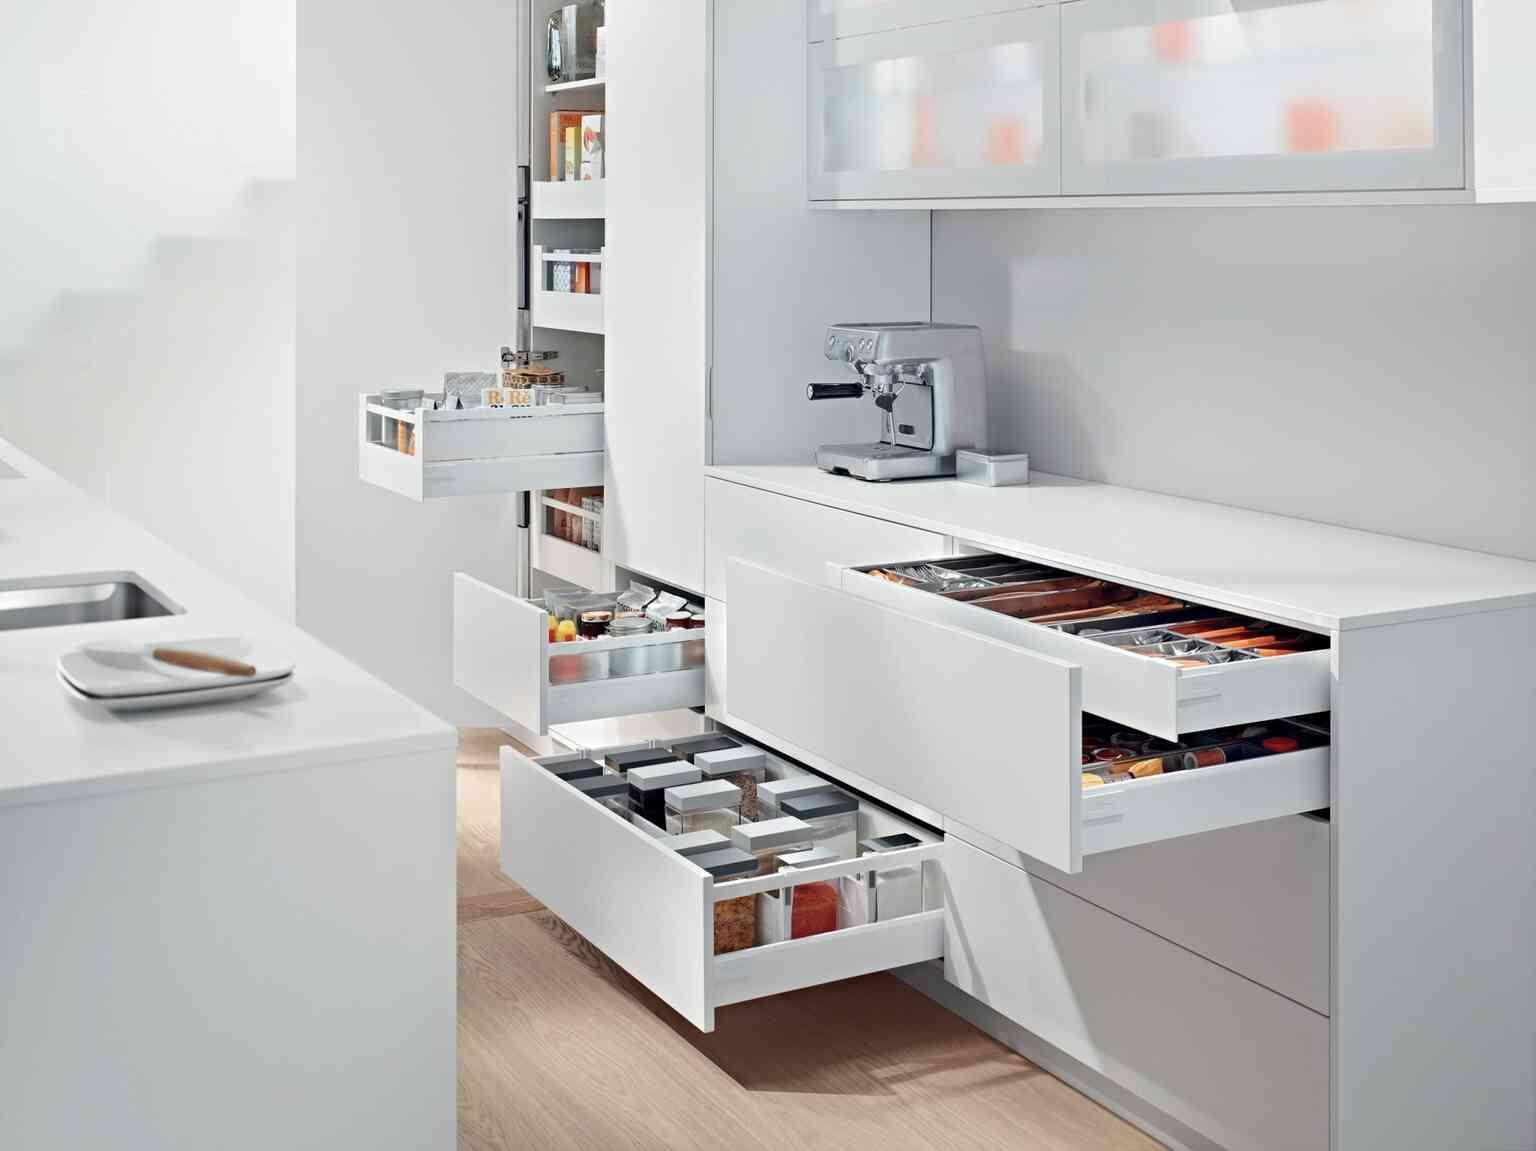 מגירות אנטארו T למטבח | בלורן מוצרי פרזול איכותיים למטבח